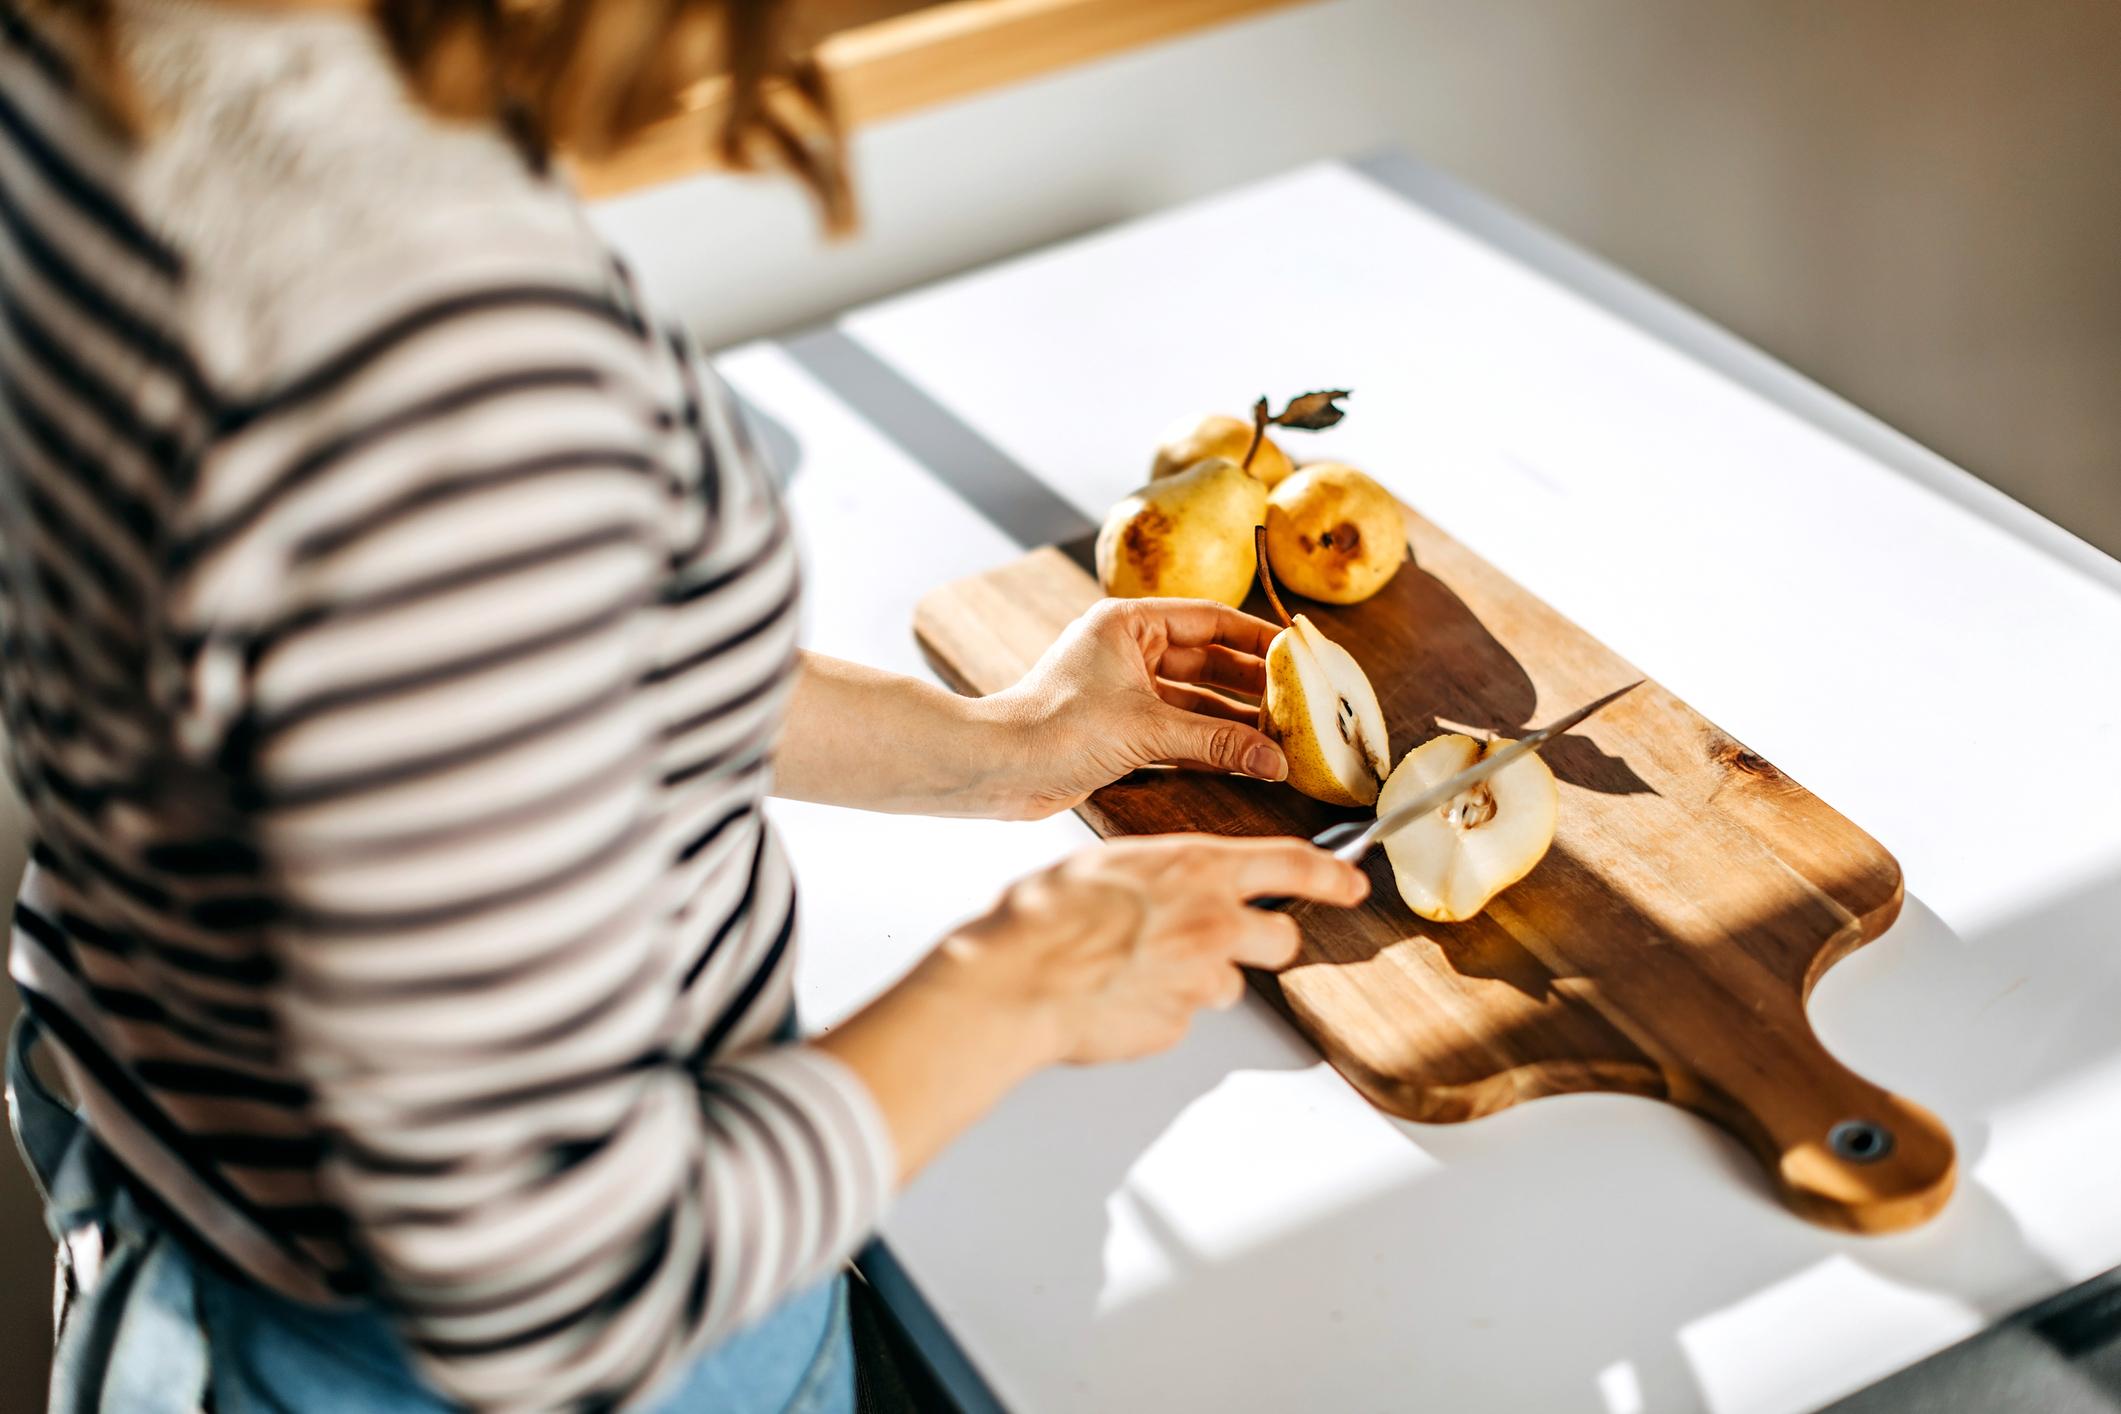 Ako je kruška mekana na dodir kad je pritisnete prstom uz peteljku, znači da je dosegla pravi stupanj zrelosti za konzumiranje.